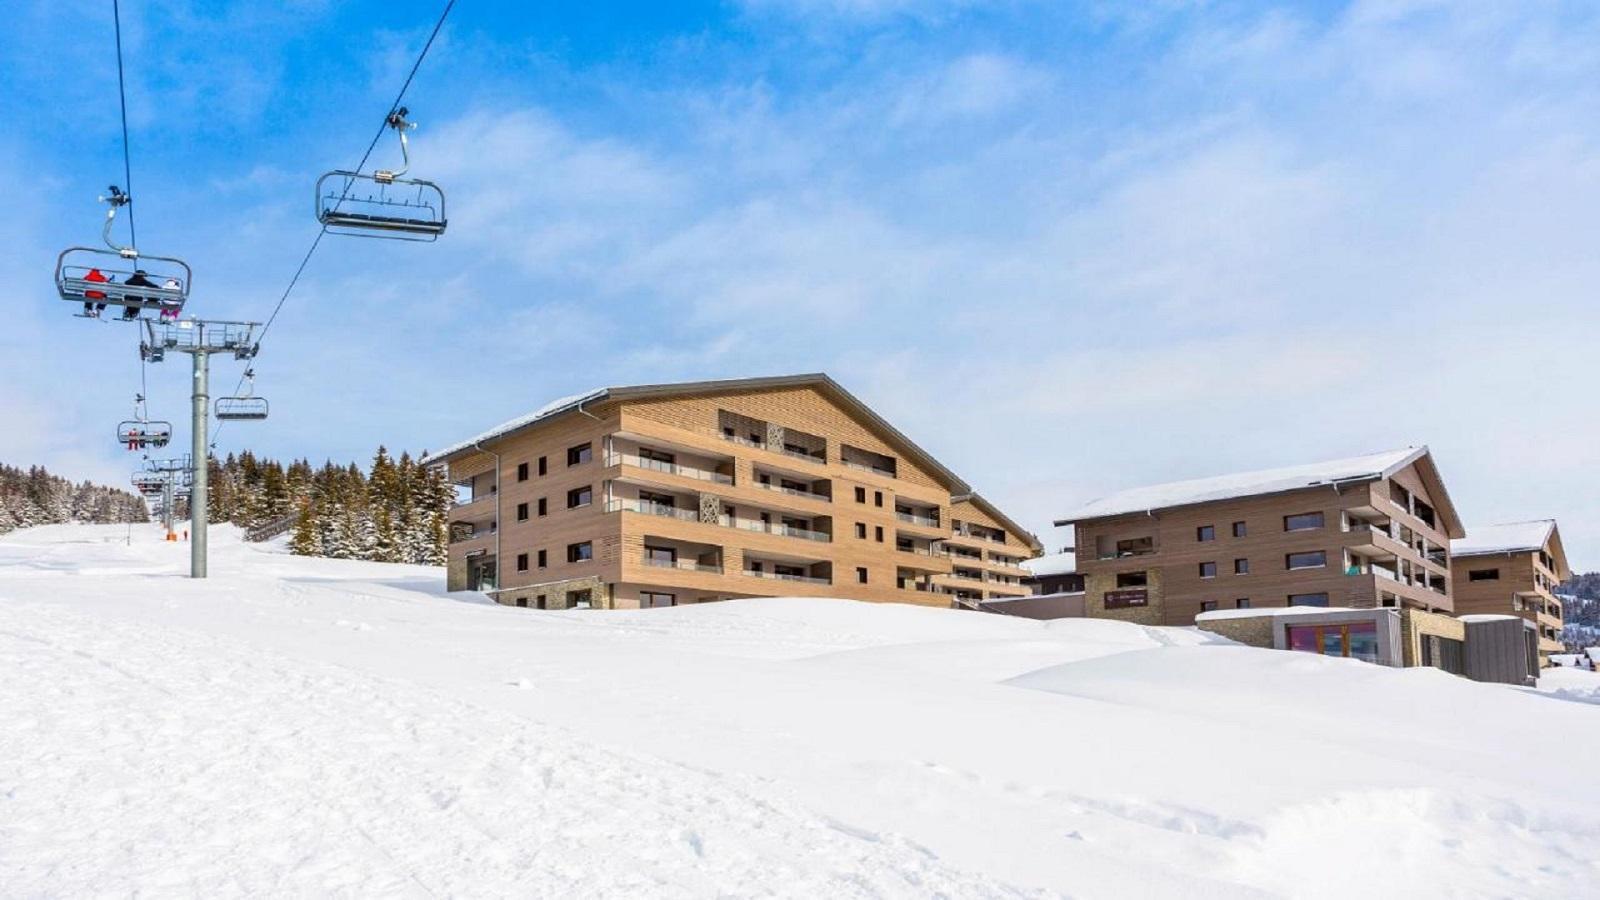 chalets-montagnettes-savoie-alpes-snow-ski-seminires-de-caractere-12